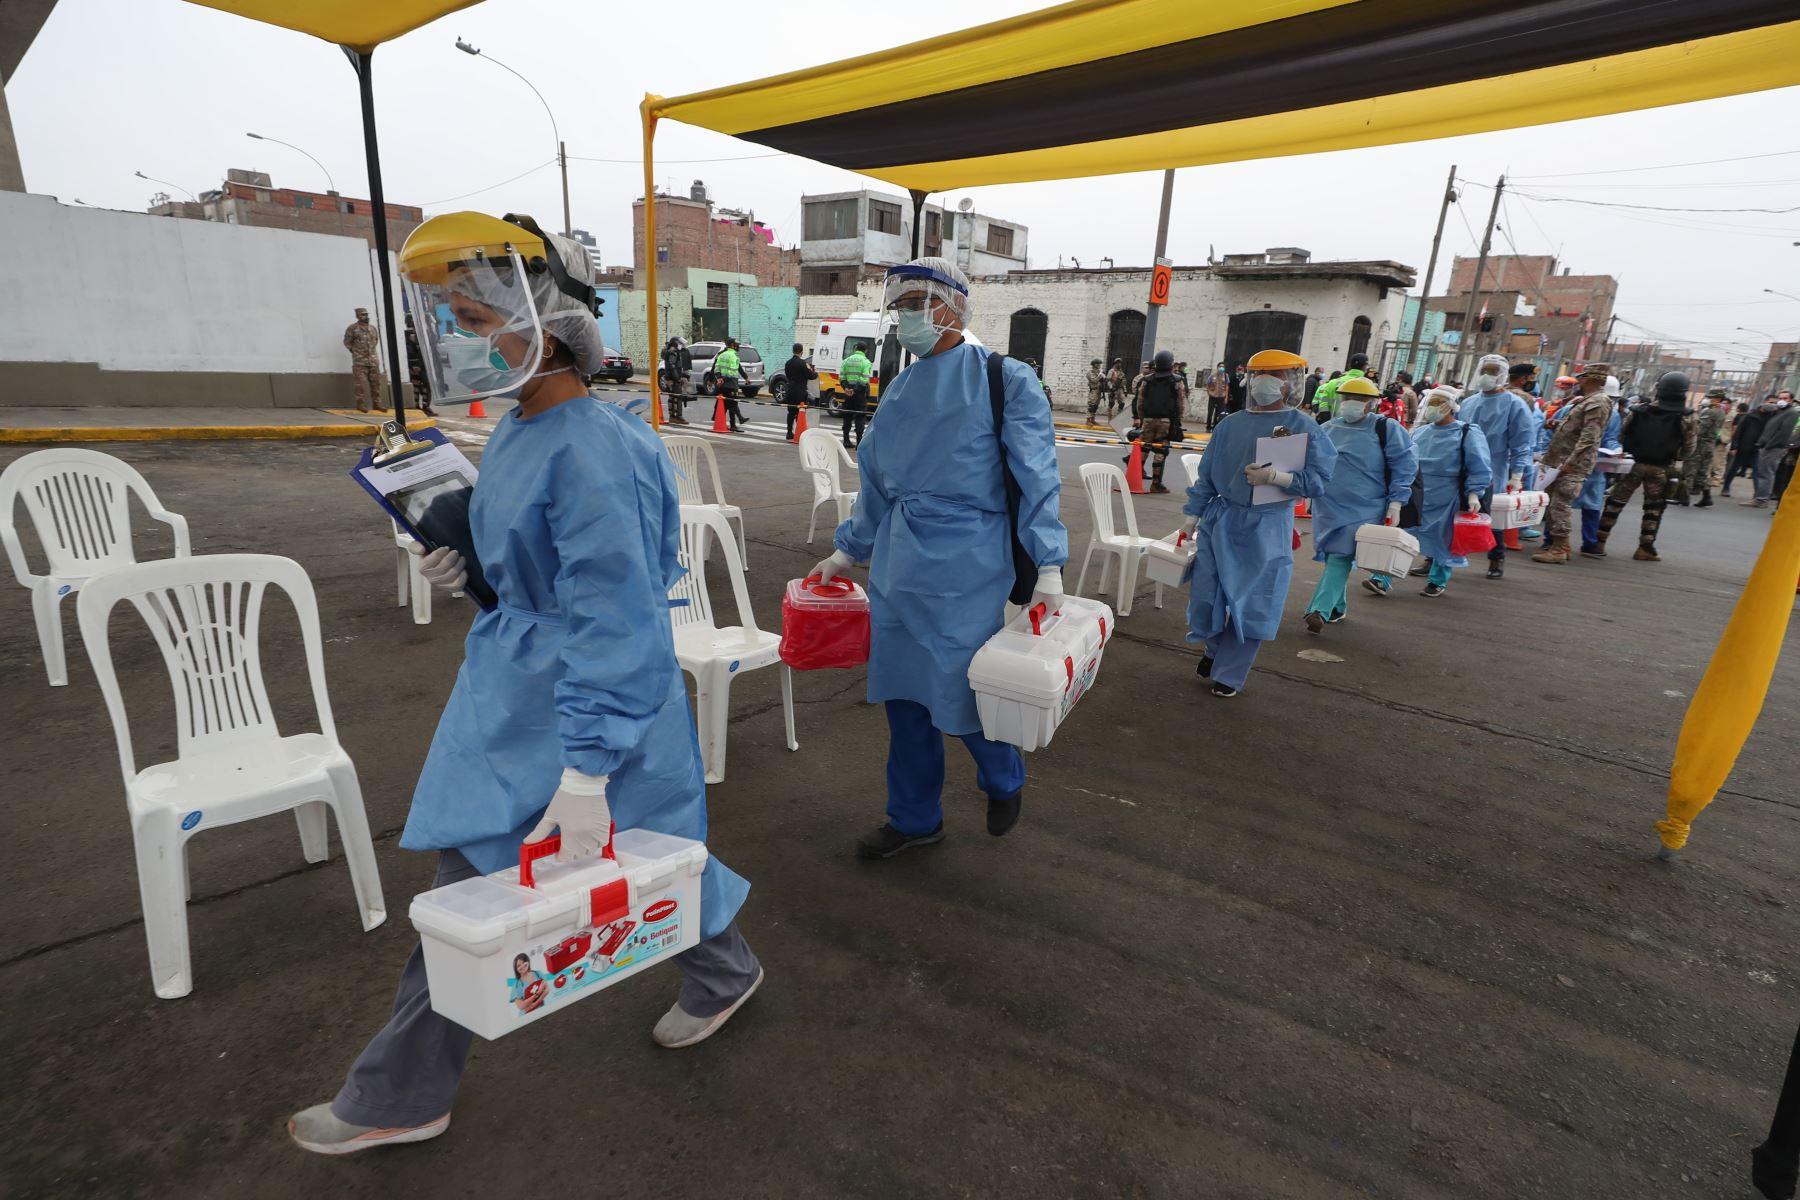 Ministros de Defensa y salud supervisan inicio de operación piloto Tayta de Te Cuido Perú para brindar atención a  población vulnerable frente a covid-19. Foto: Mindef